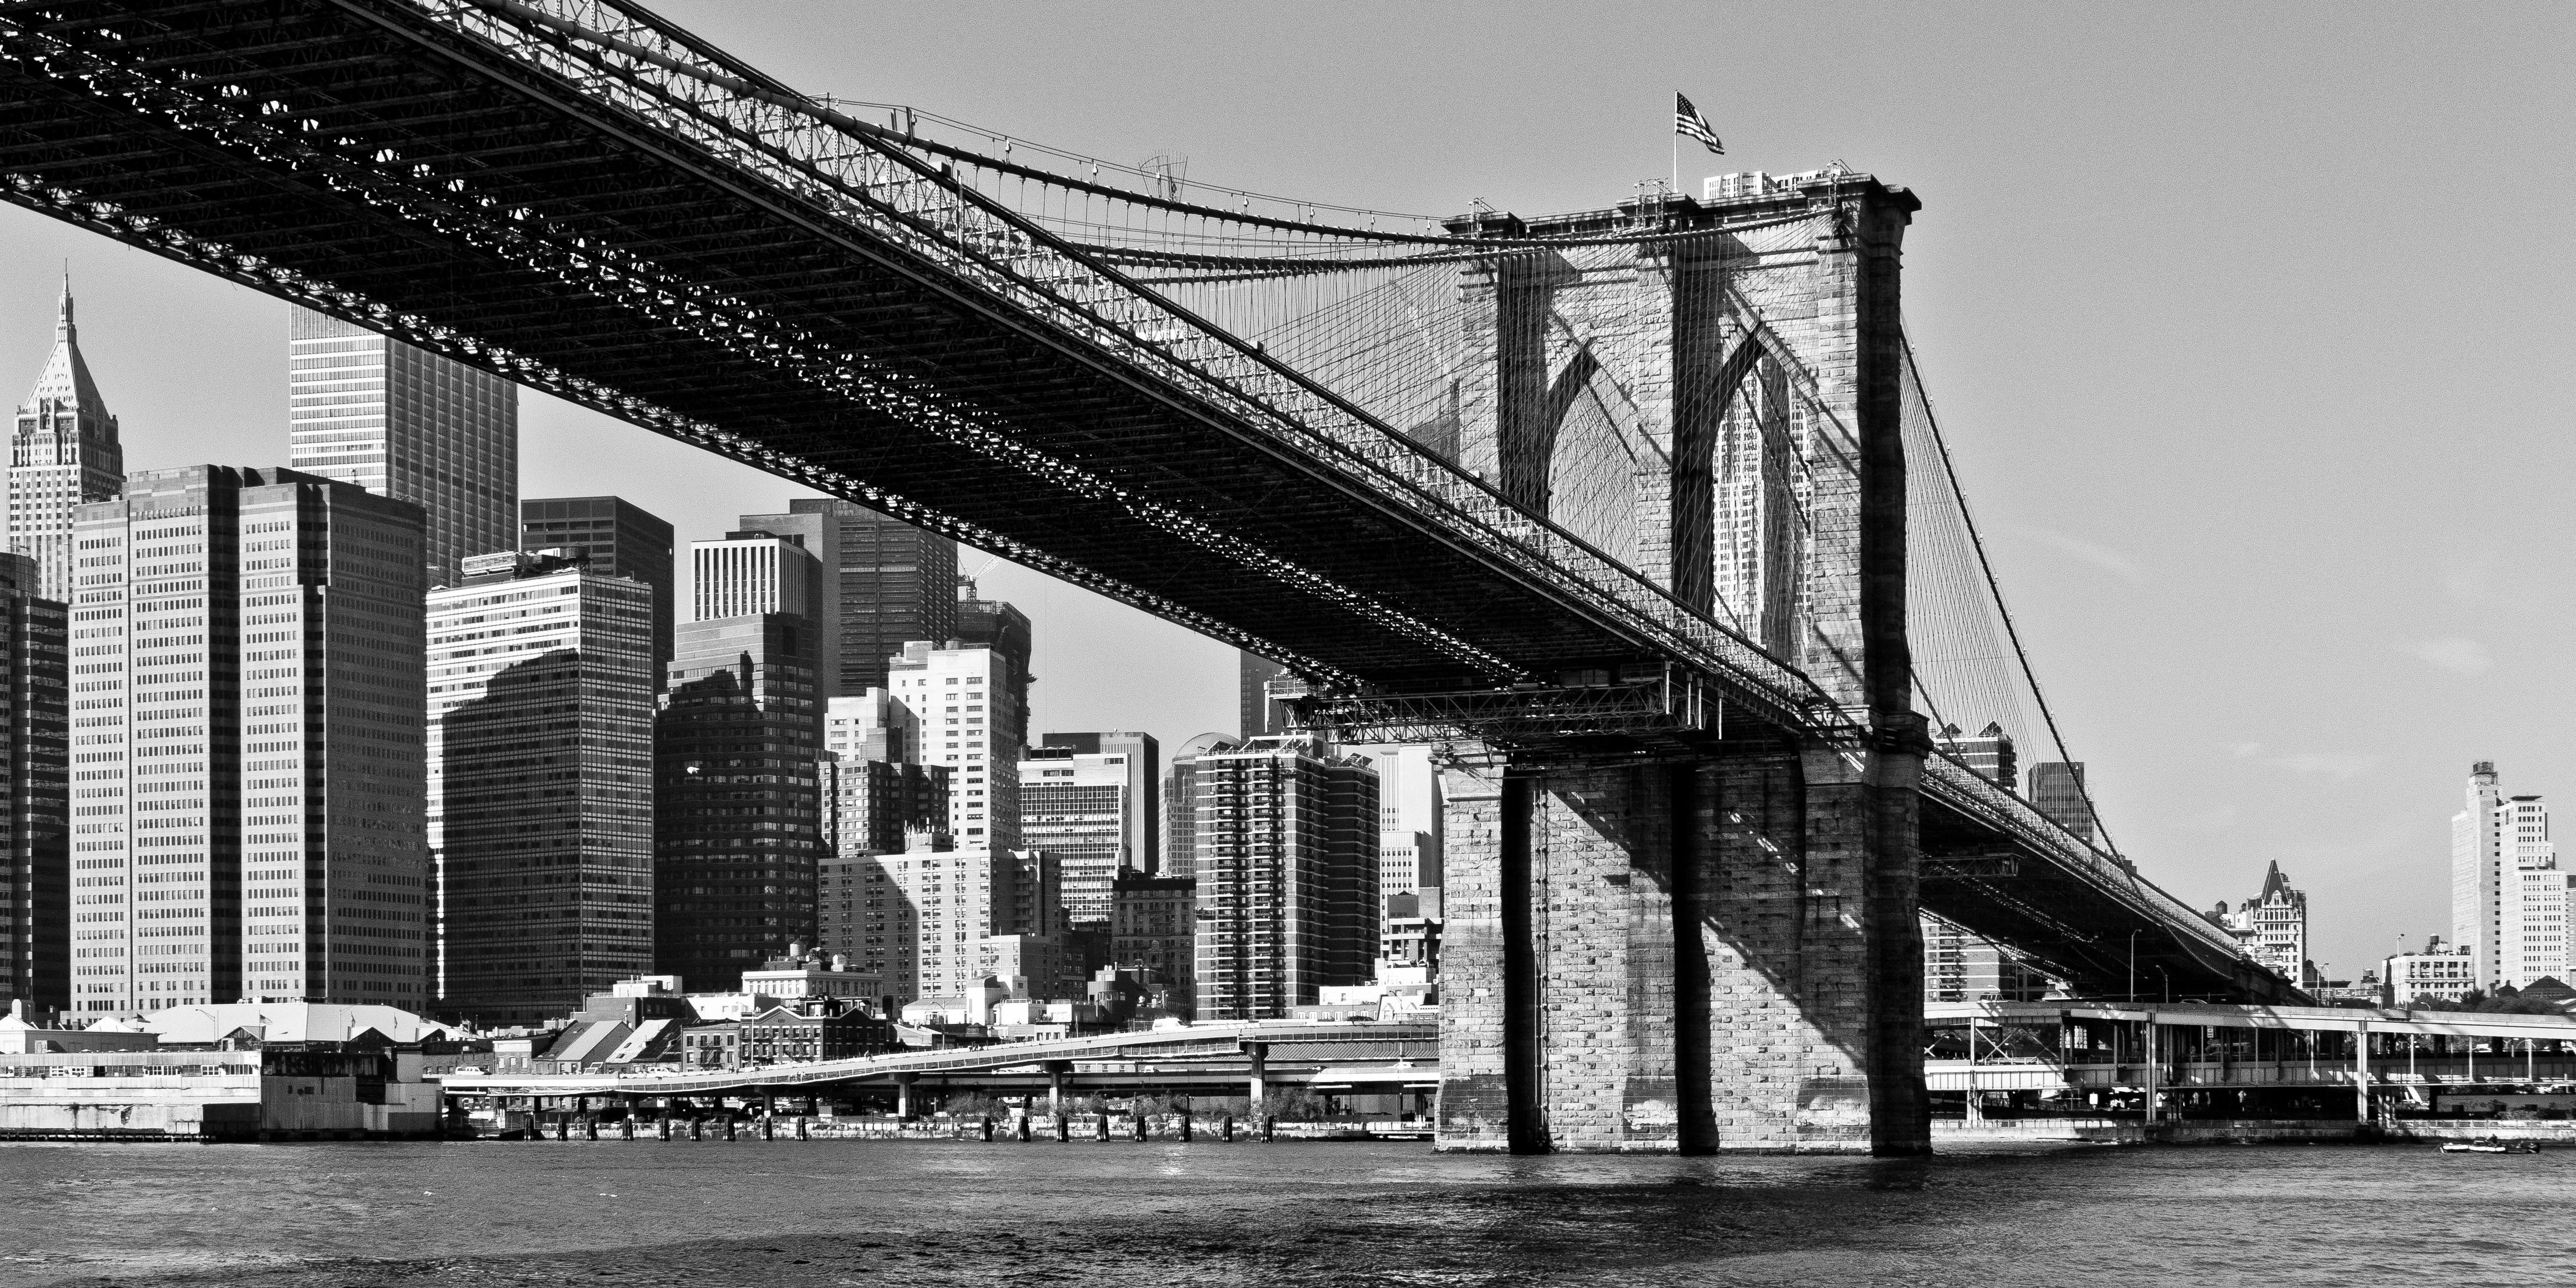 город фото черно белые мостовая этих малышей улыбка